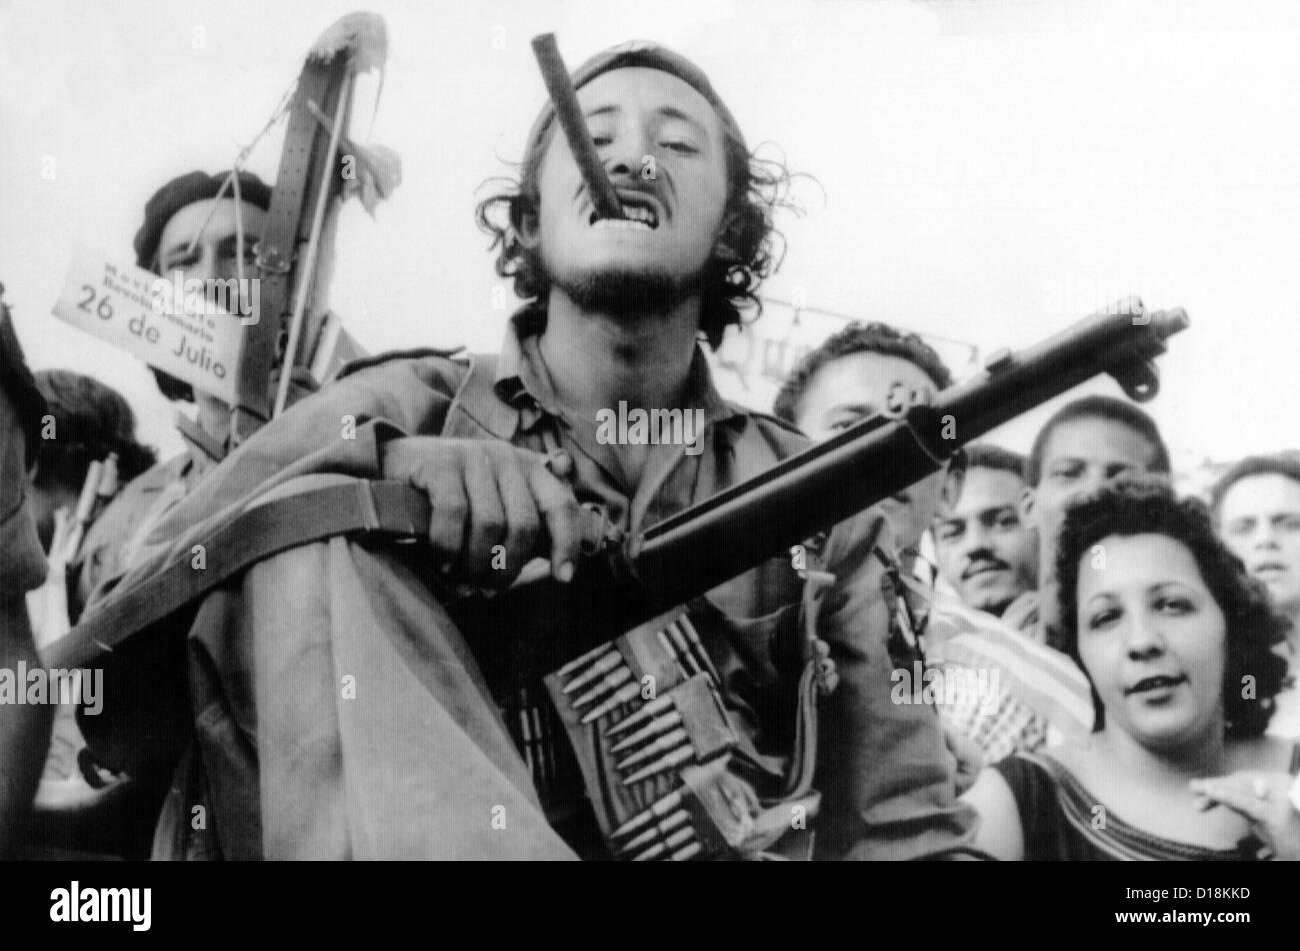 Soldat de la guérilla entre dans la Havane avec Castro's forces rebelles victorieux, le 8 janvier 1959. __ALPHA Banque D'Images